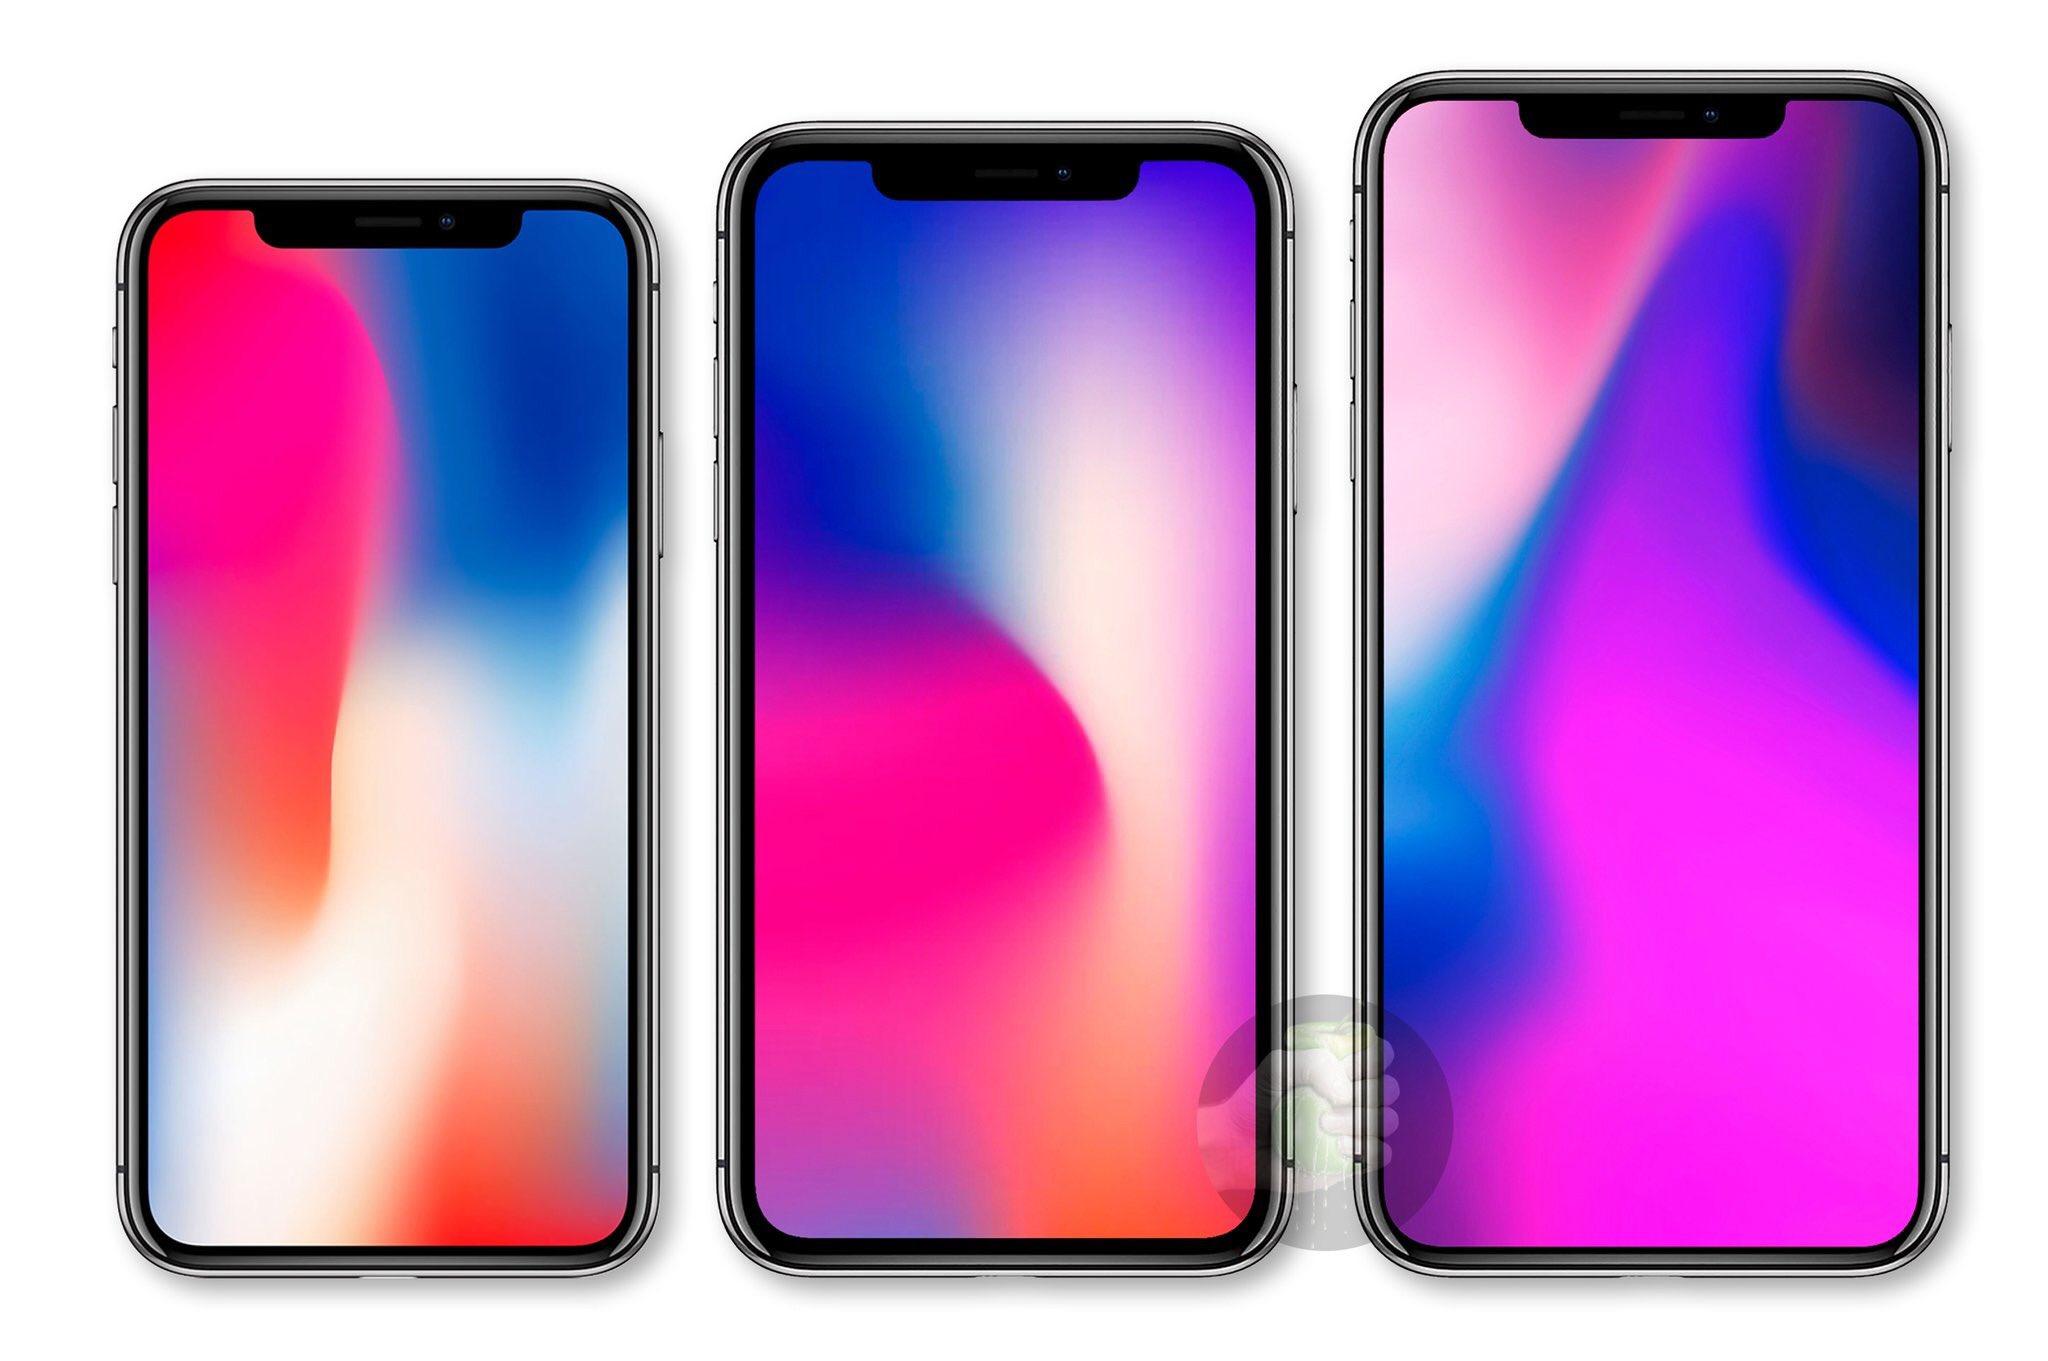 iPhone 9, iPhone XS, iPhone XS Plus : la nouvelle gamme d'iPhone se confirme et devient complexe